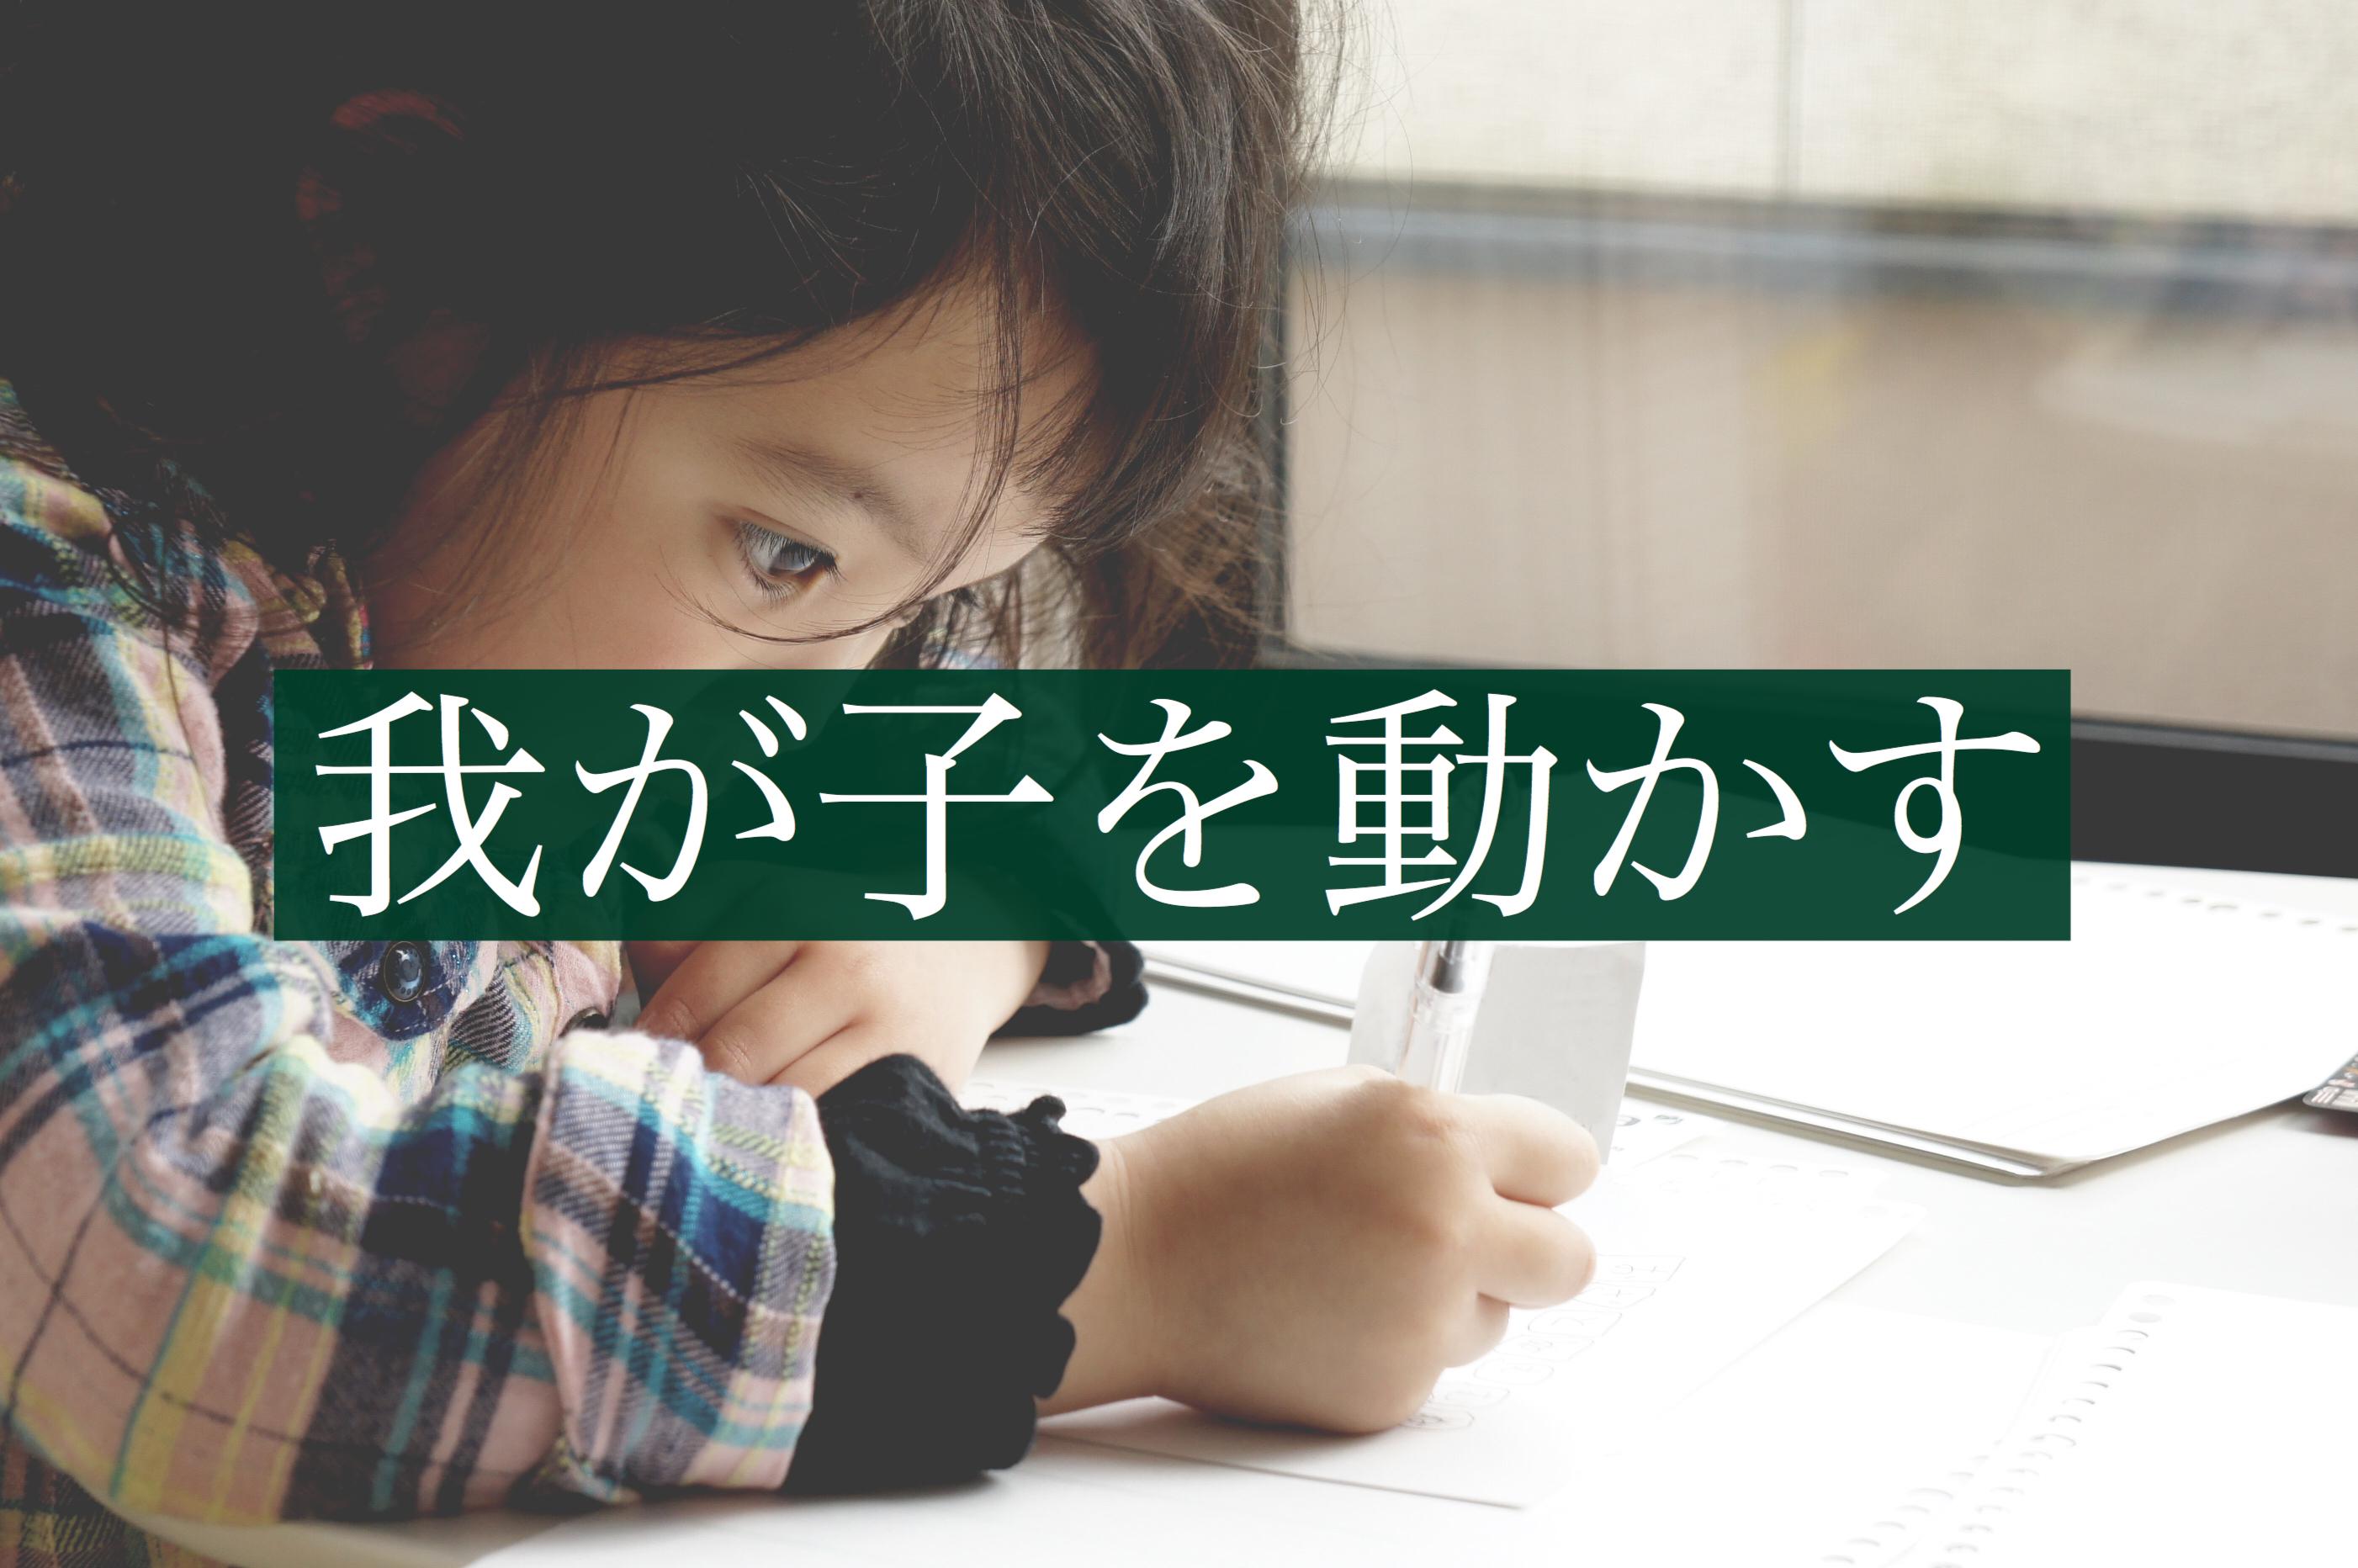 良好な親子関係を築きつつ、さらっと子供に勉強させる方法